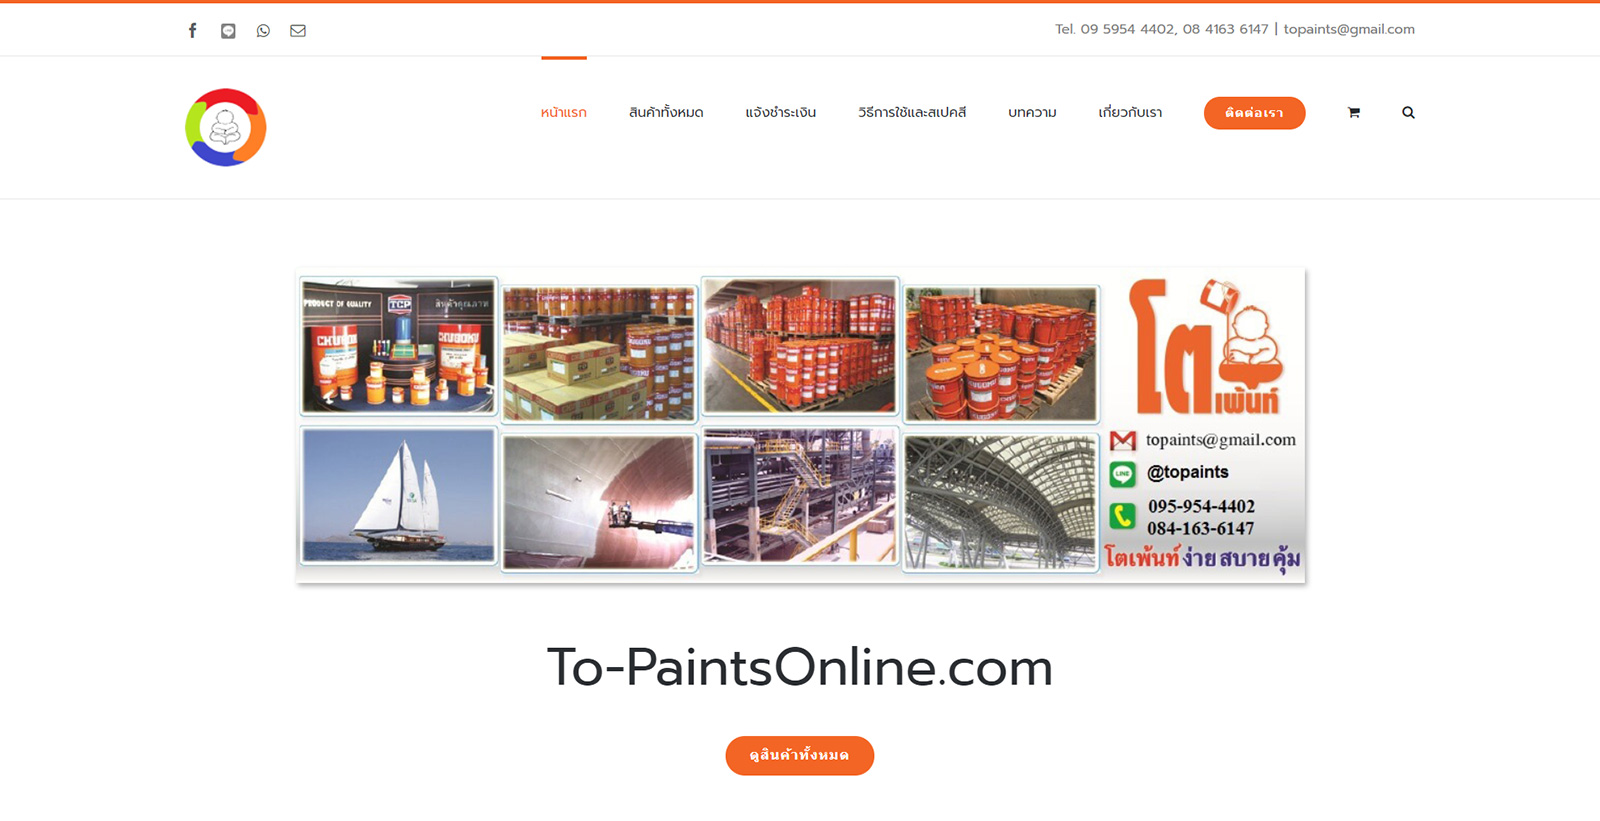 เว็บไซต์ ToPaints (บริการที่ใช้ : รับสร้างเว็บไซต์) ขนาดหน้าจอ PC